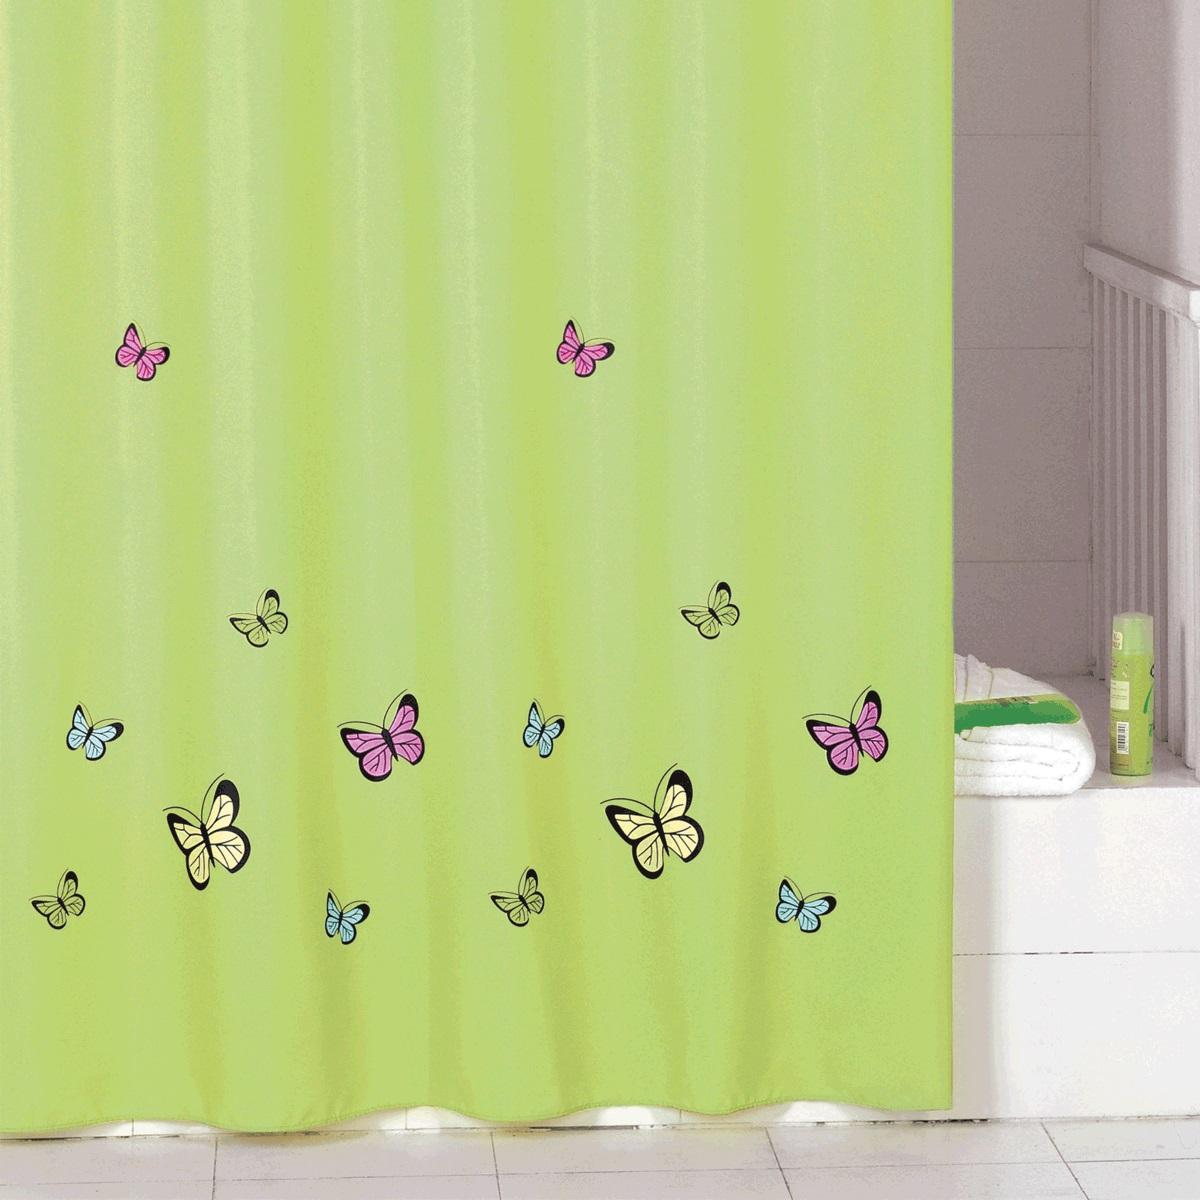 Штора для ванной Iddis Green Butterfly, цвет: зеленый, 200 x 200 смSCID032PШтора для ванной комнаты Iddis выполнена из быстросохнущего материала - 100% полиэстера, что обеспечивает прочность изделия и легкость ухода за ним.Материал шторы пропитан специальным водоотталкивающим составом Waterprof.Изделие изготовлено из экологически-чистого материала, оно обладает высокой степенью гигиеничности, не вызывает аллергических реакций.Штора имеет 12 металлических люверсов. В комплекте: штора и кольца.